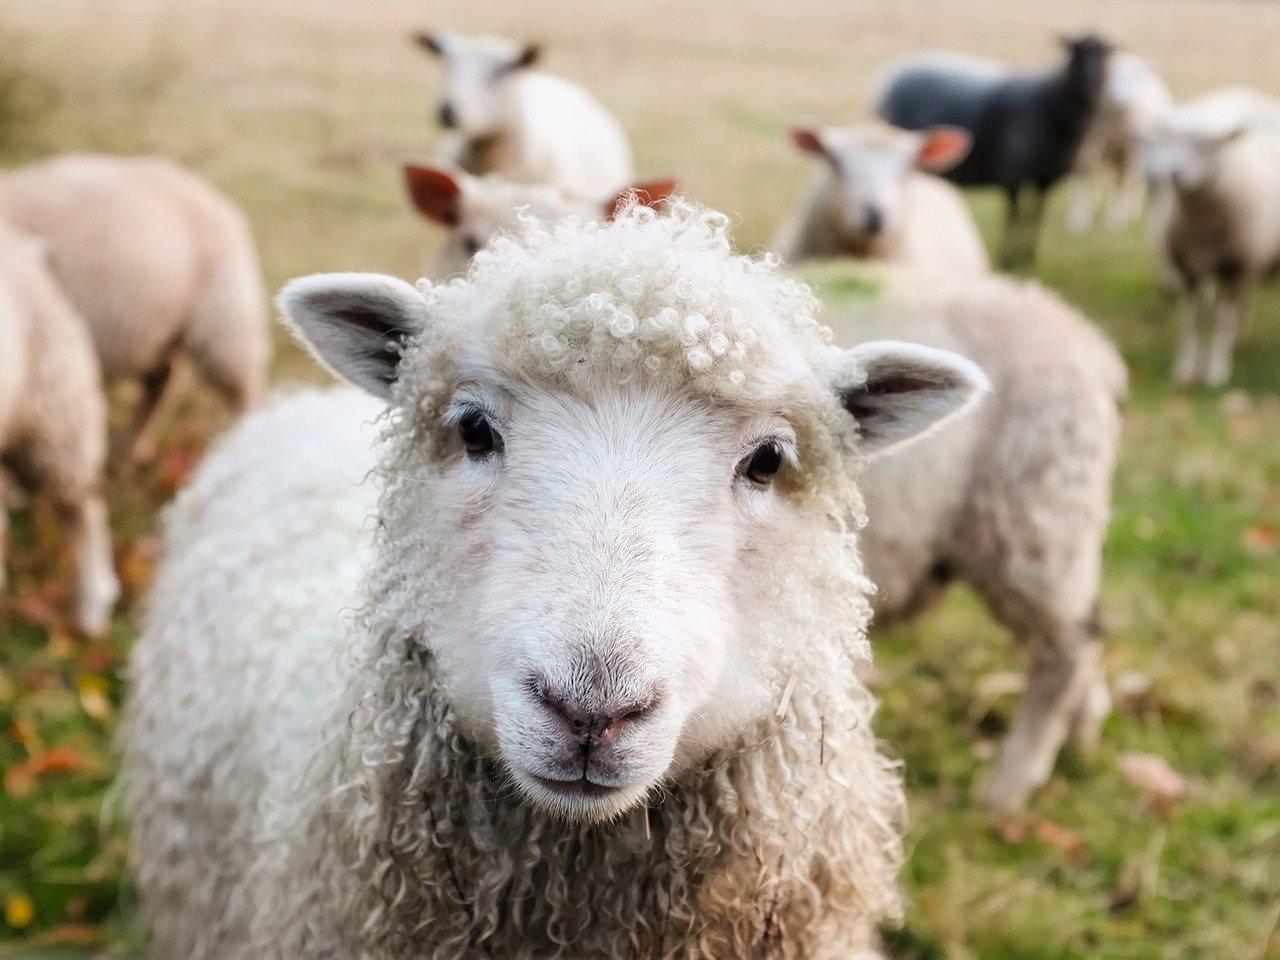 Kradljivac 72-godišnjaku ukrao 49 ovaca i jednog ovna